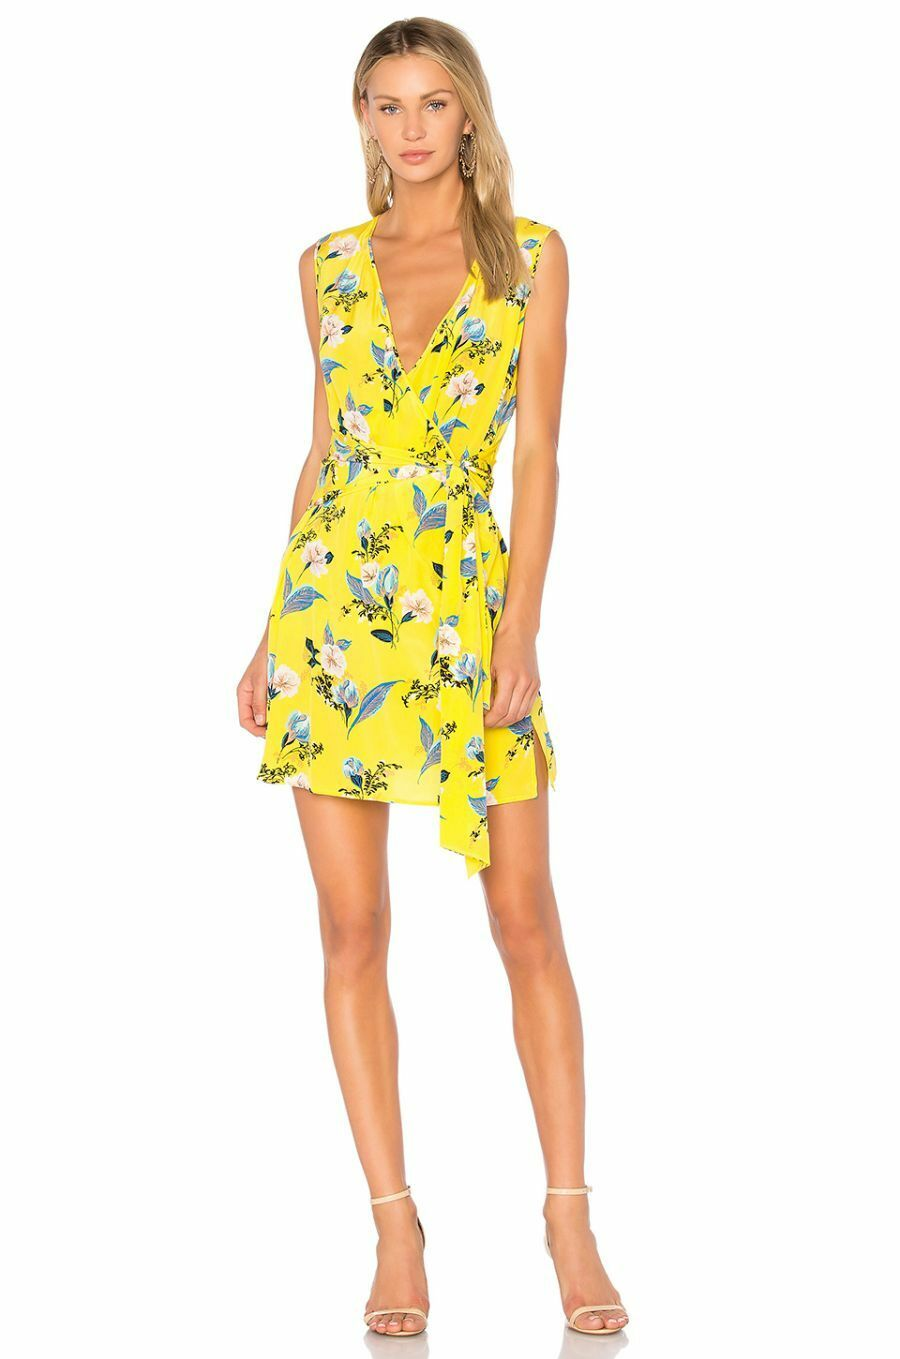 NWT Diane von Furstenberg Silk Mini Dress in Silese Acid gul XS  P  298